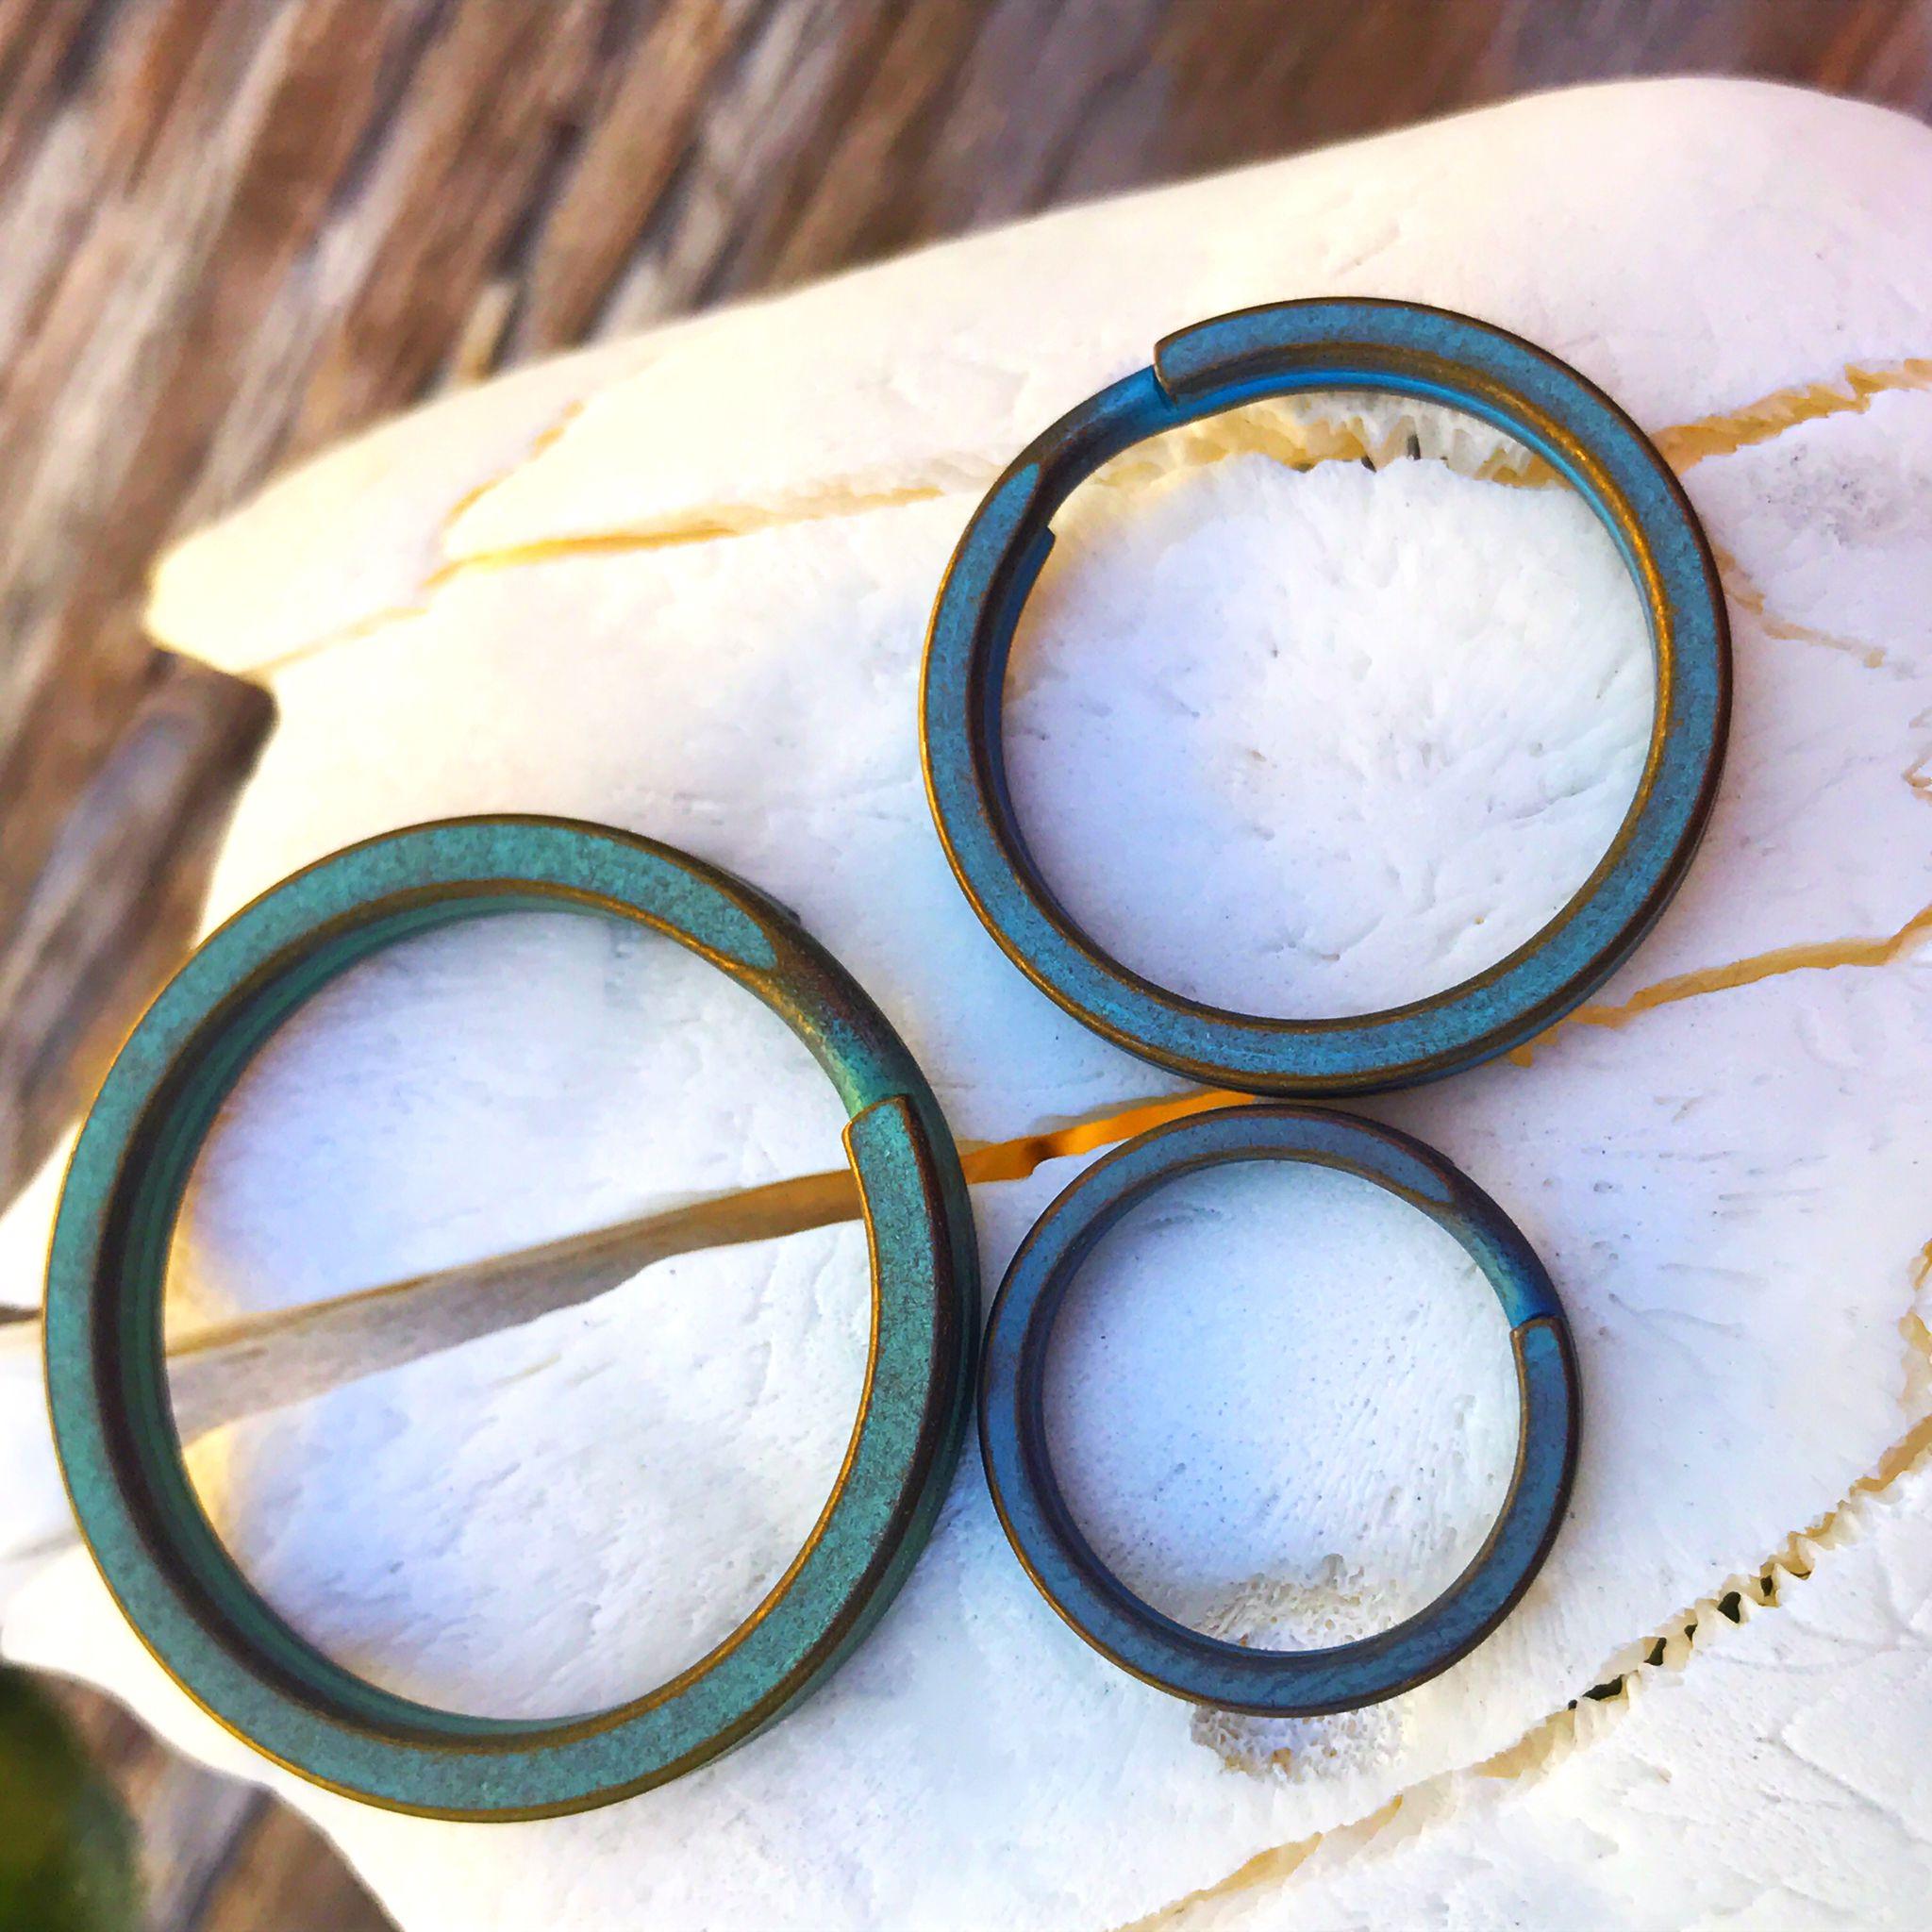 Titanium Split Ring [tisurvival.com/] #Titanium #TiSurvival #TiSurvivalSplitRings #RustProof #SplitRing